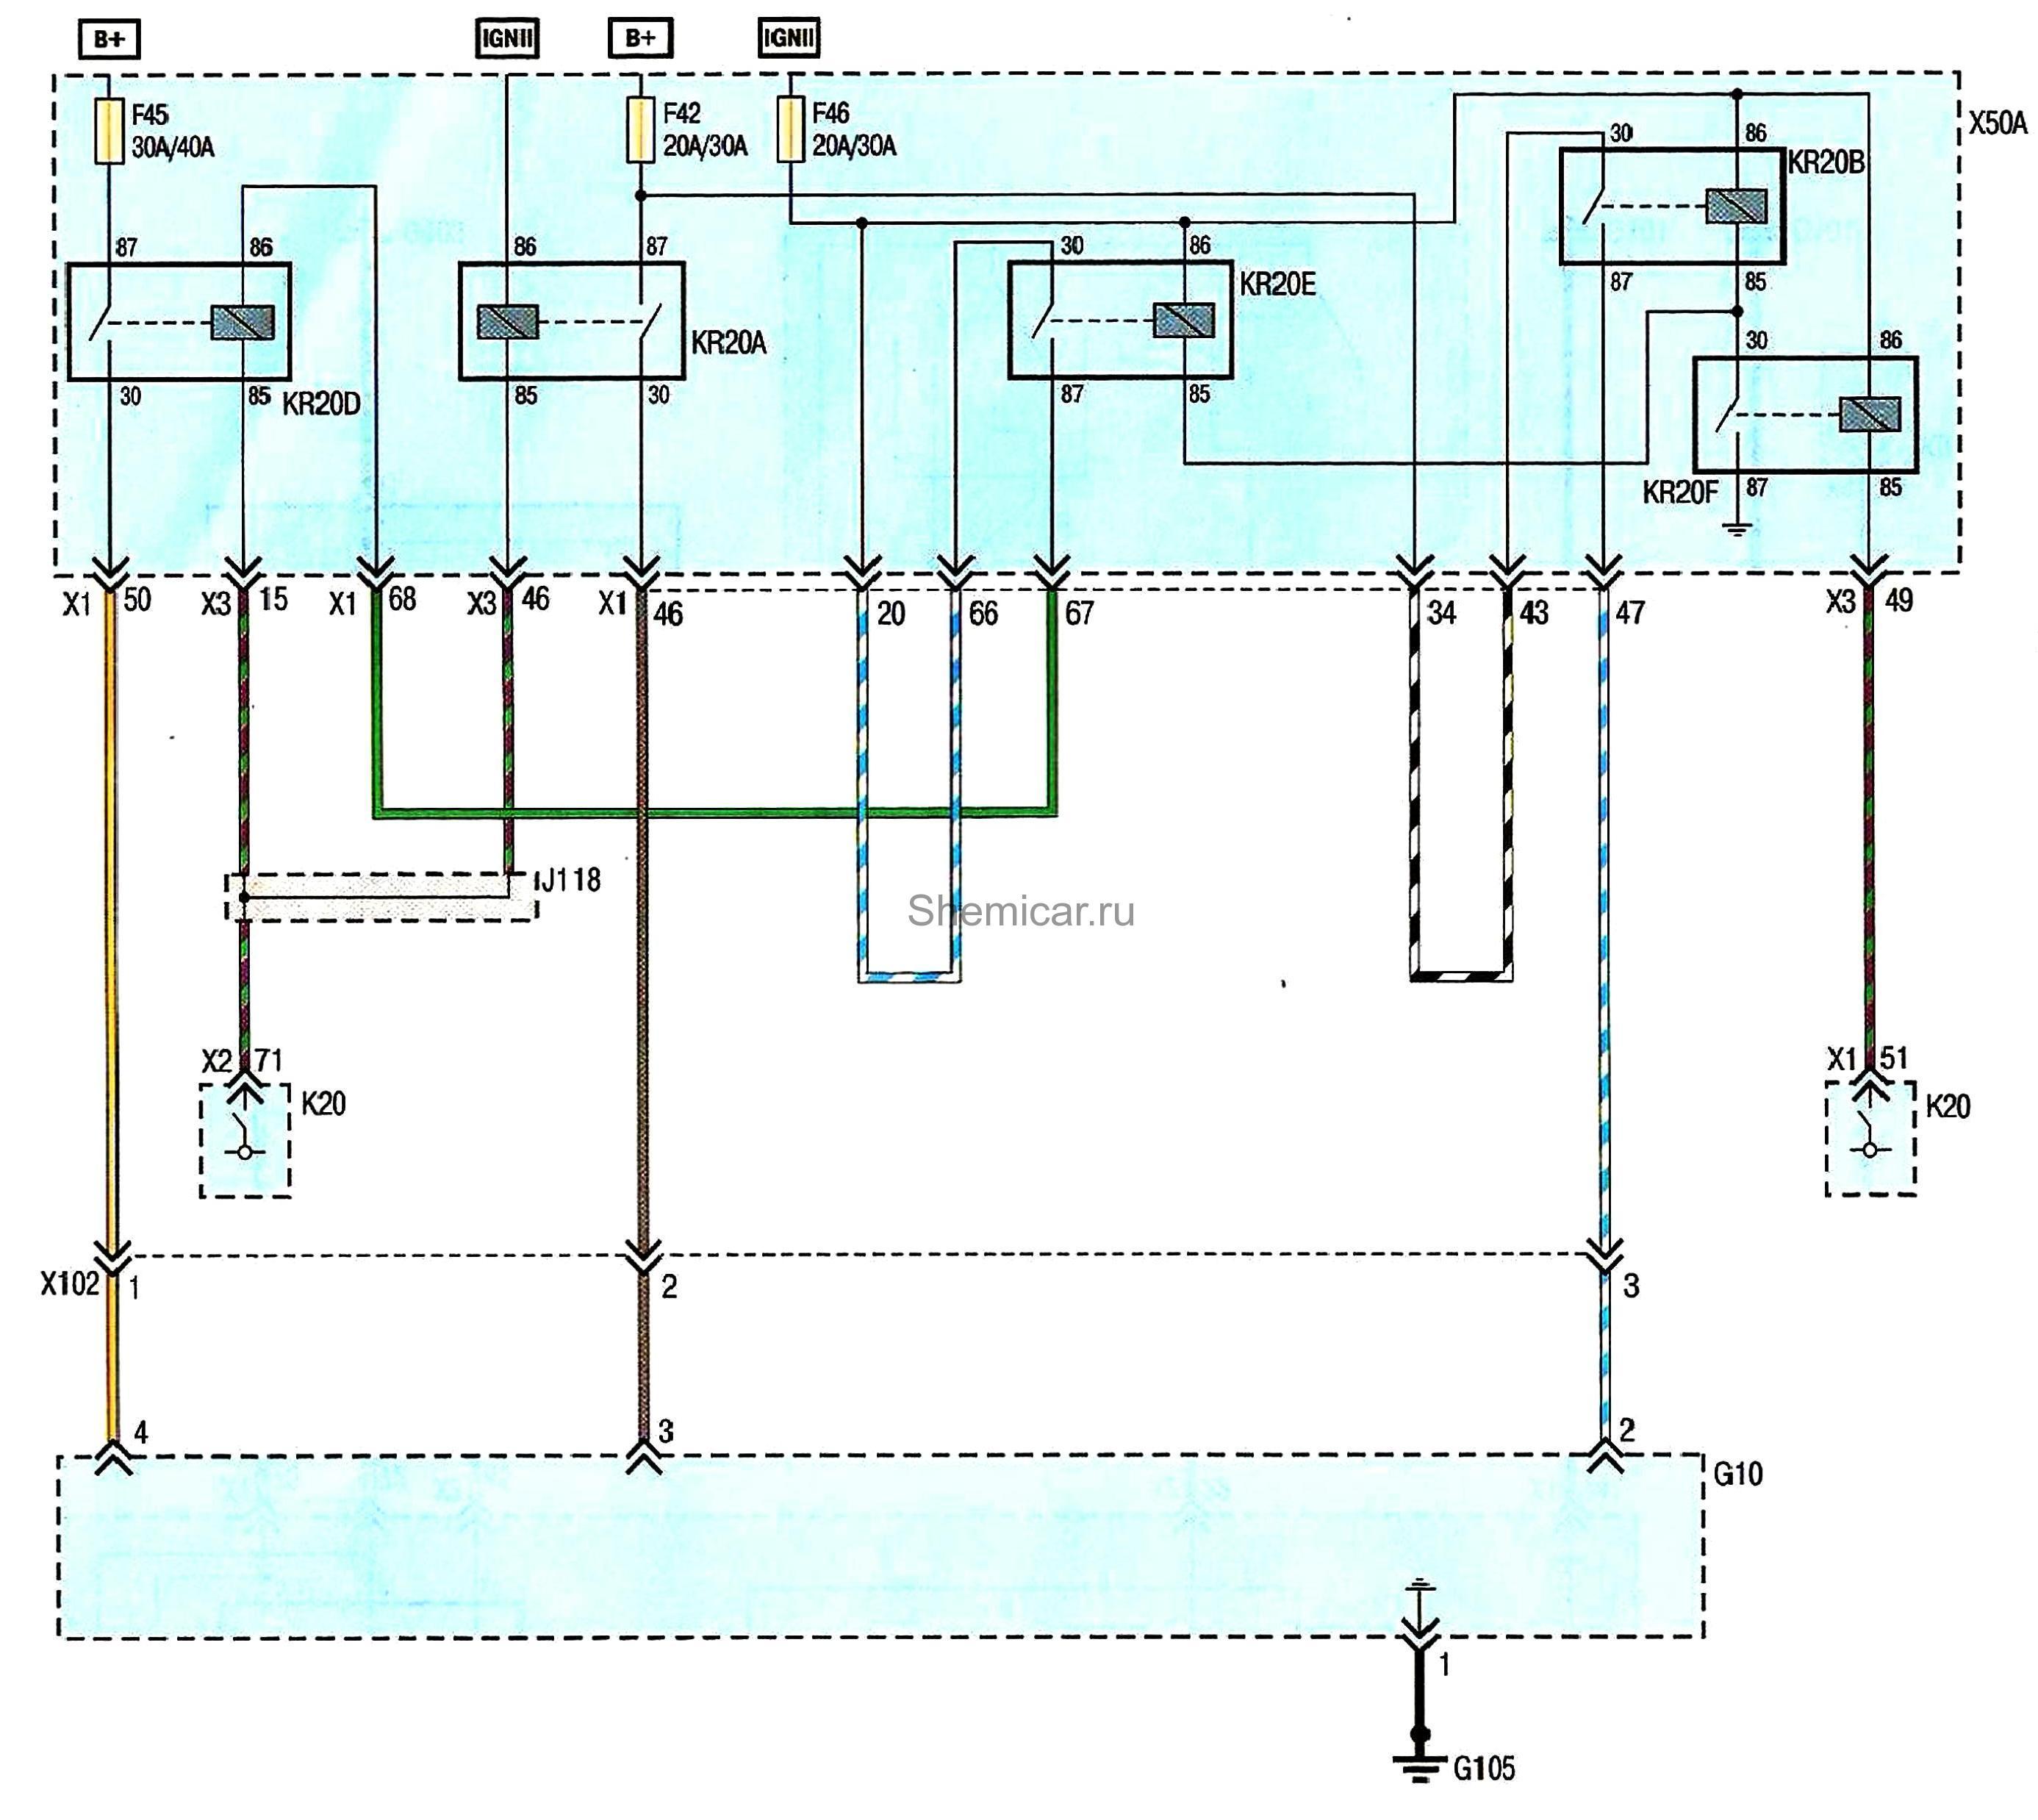 Схема топливной системы шевроле круз фото 8